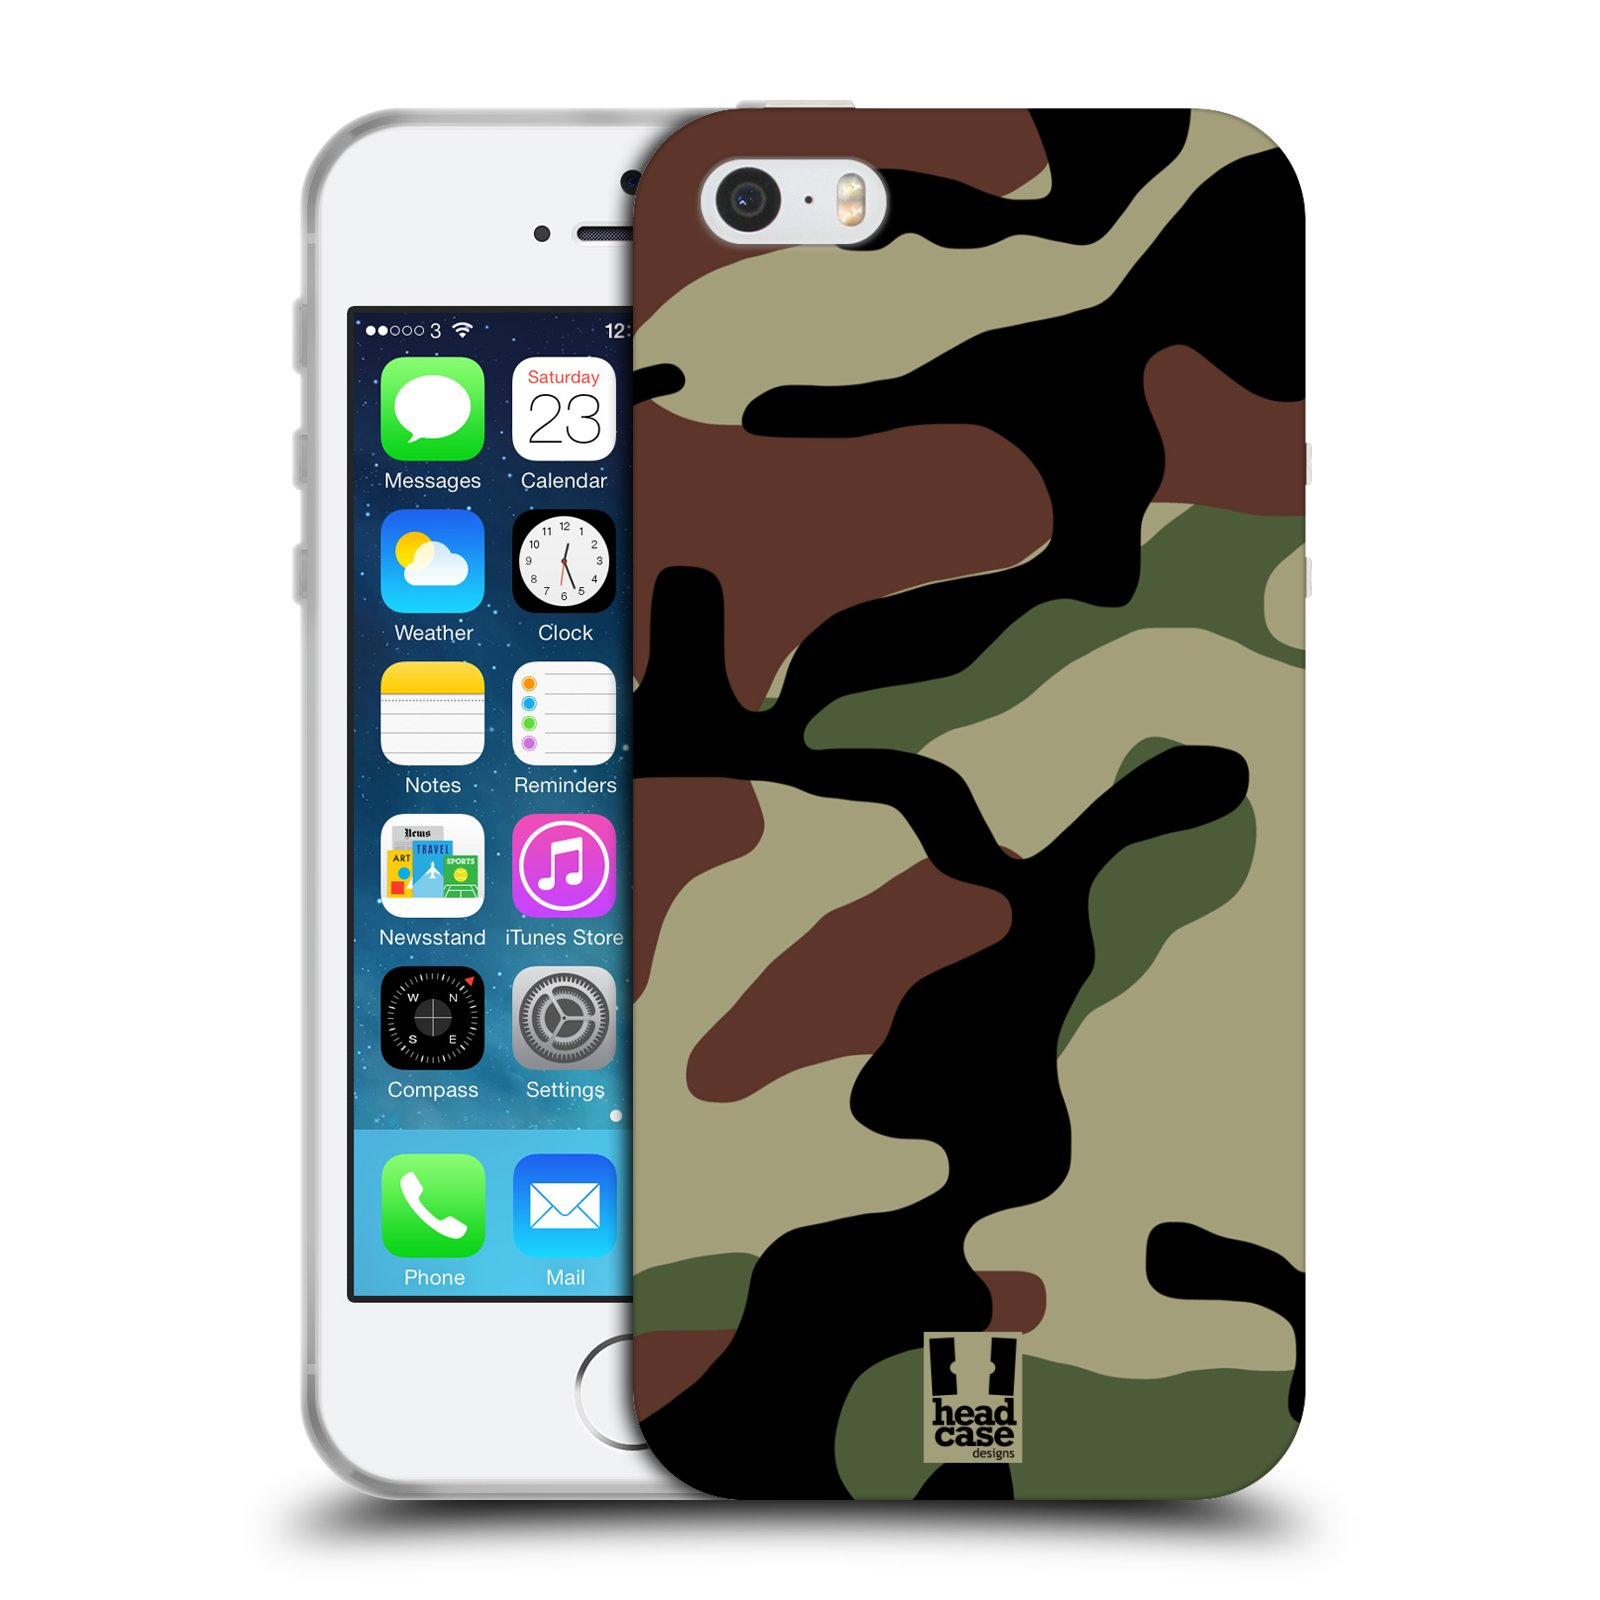 Silikonové pouzdro na mobil Apple iPhone 5, 5S, SE - Head Case - Maskáče